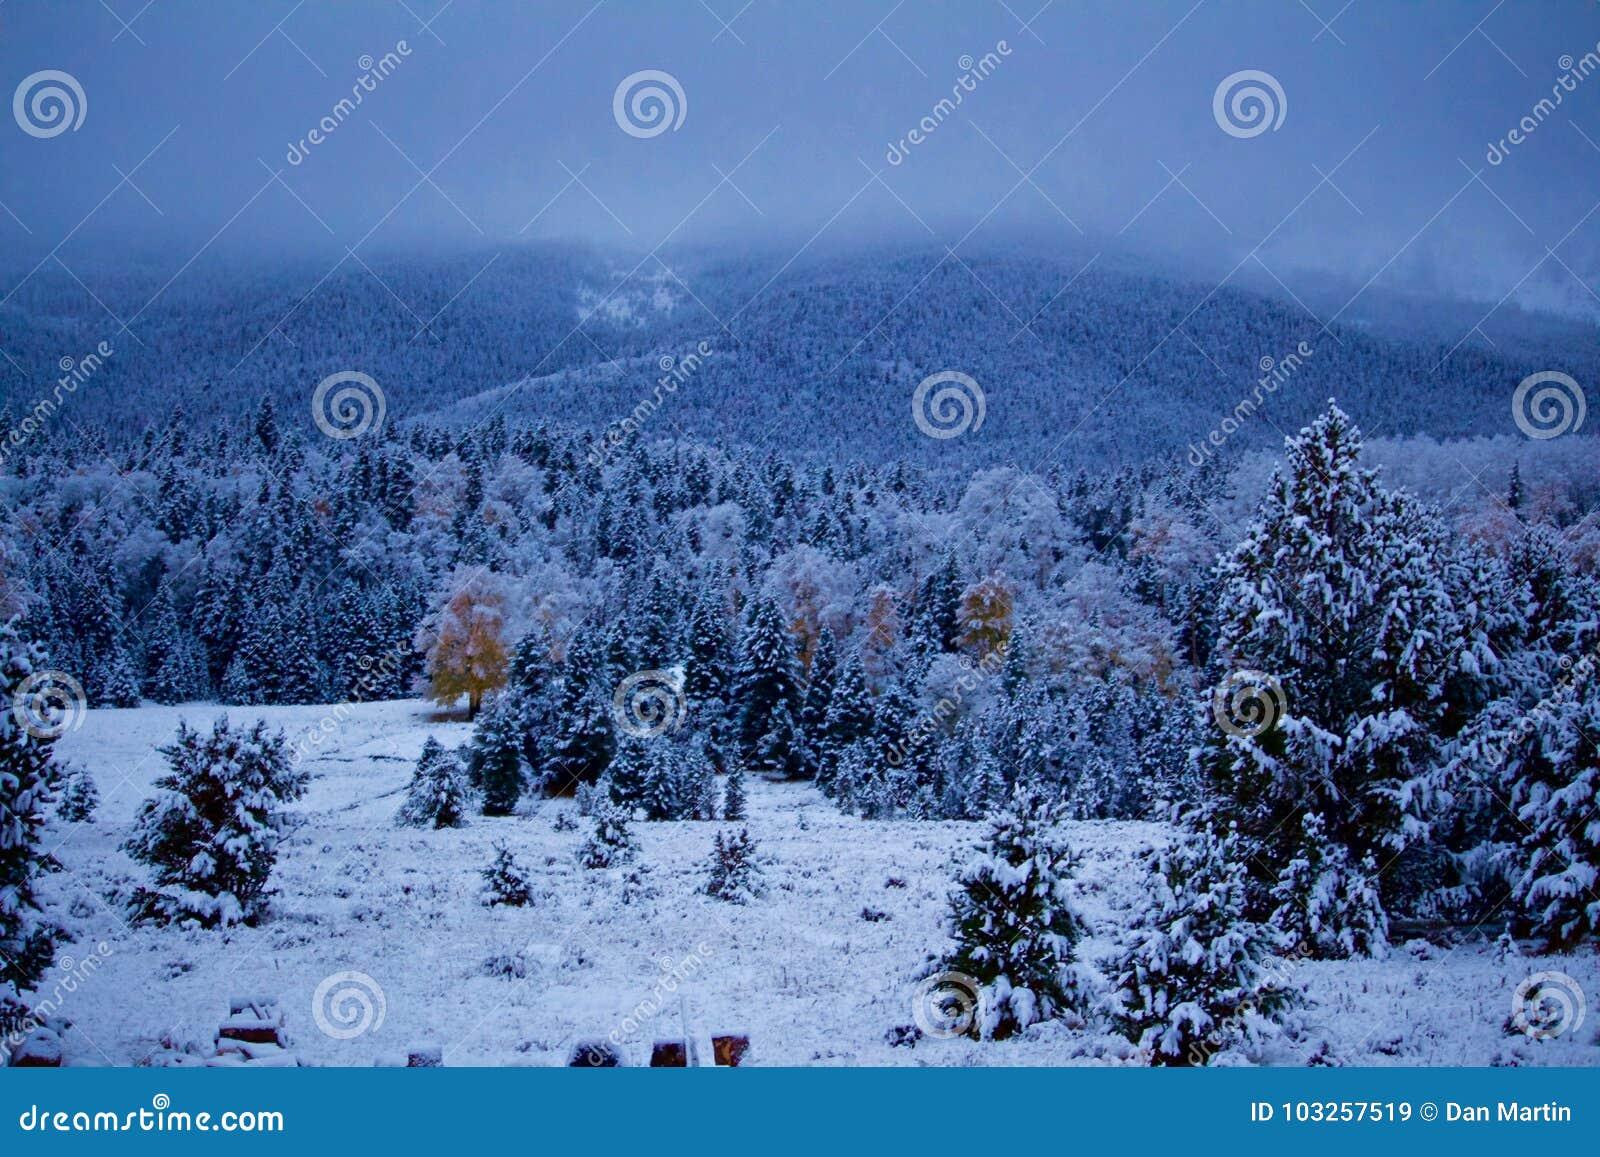 Okurzanie śnieg na sosnach i osikach sezon